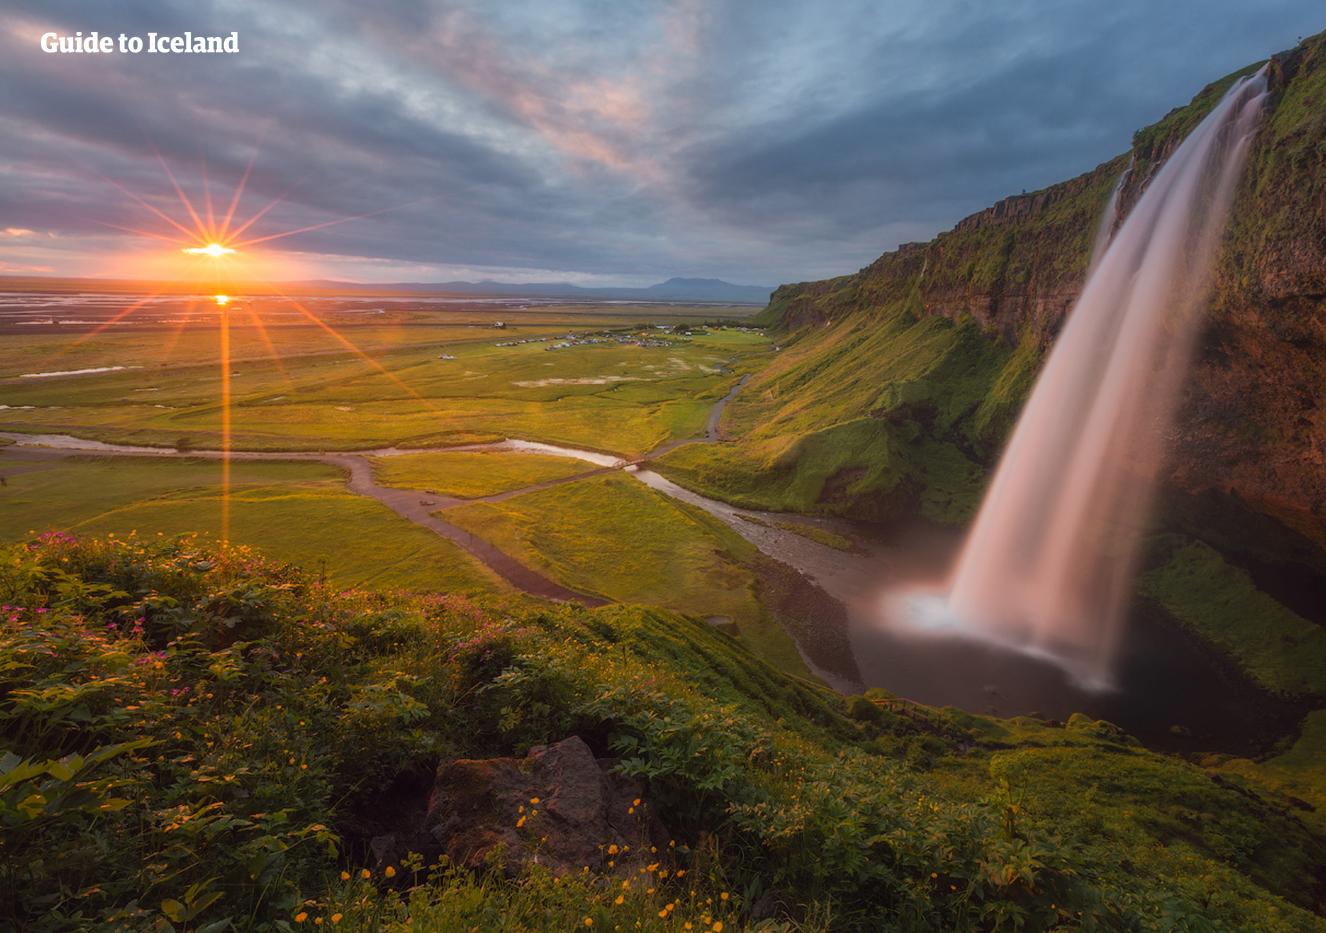 La cascata Seljalandsfoss si getta da un'altezza di 60 m (197 piedi), da una scogliera concava che segnava il confine della costa meridionale islandese.